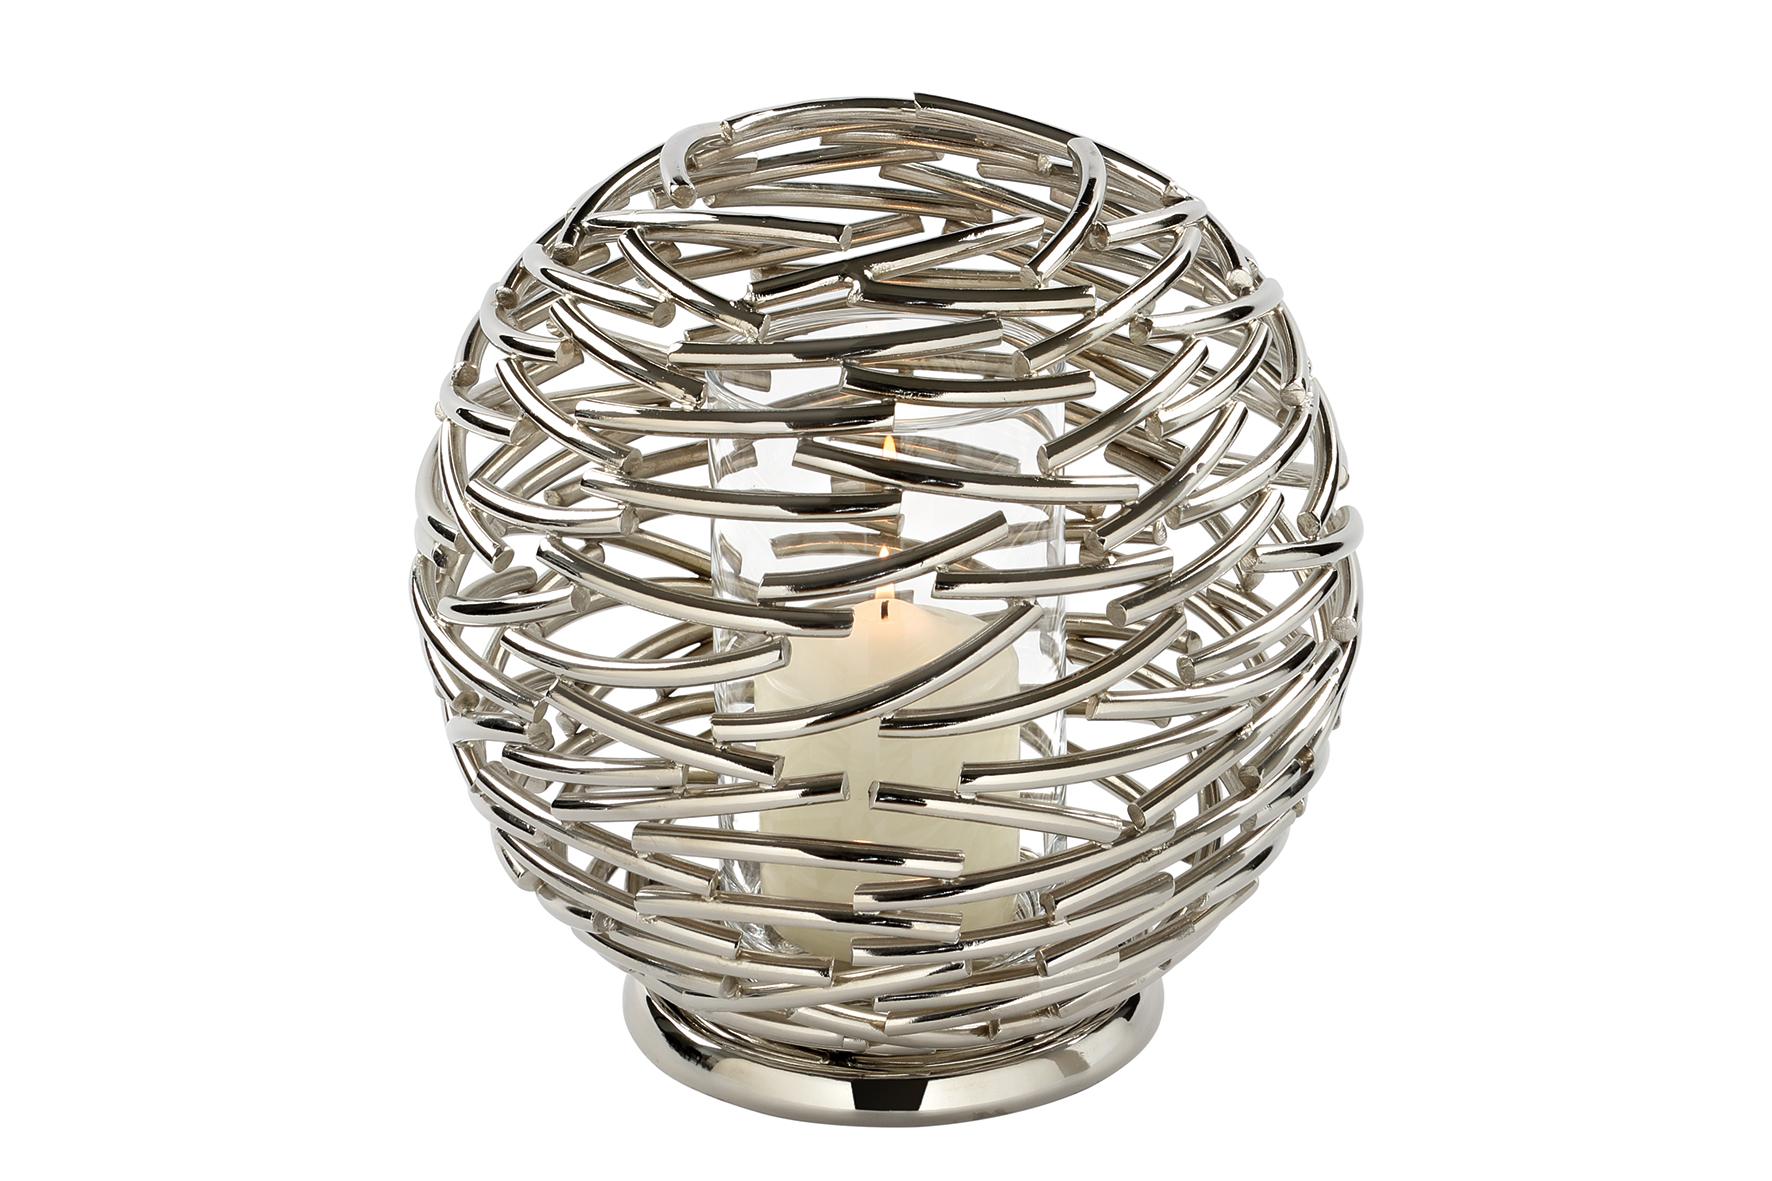 fink living windlicht corona mittel weihnachten. Black Bedroom Furniture Sets. Home Design Ideas